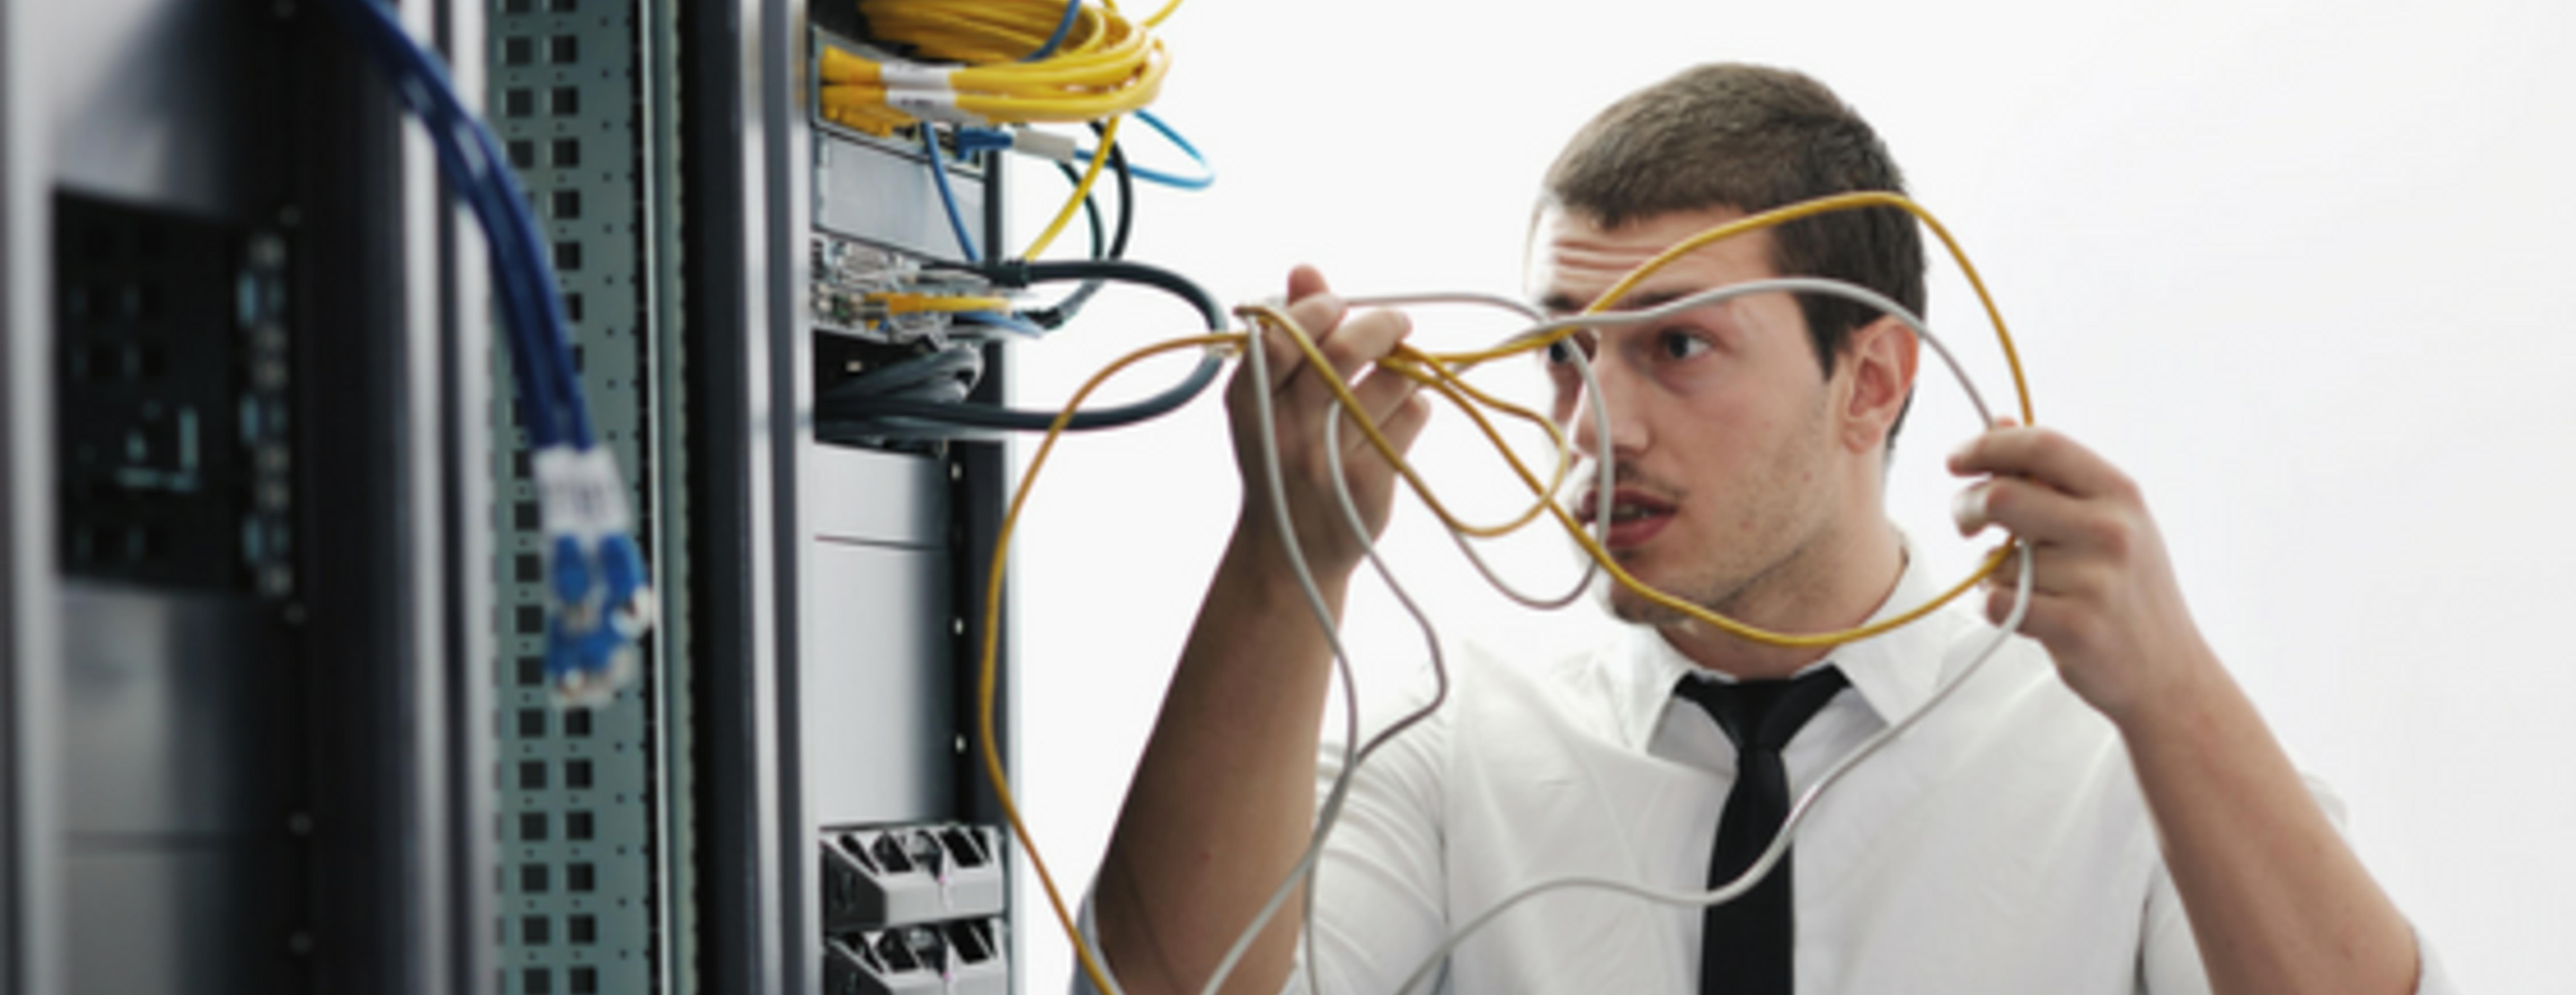 IT-cпециалист: специальность в области коммуникационных и информационных технологий